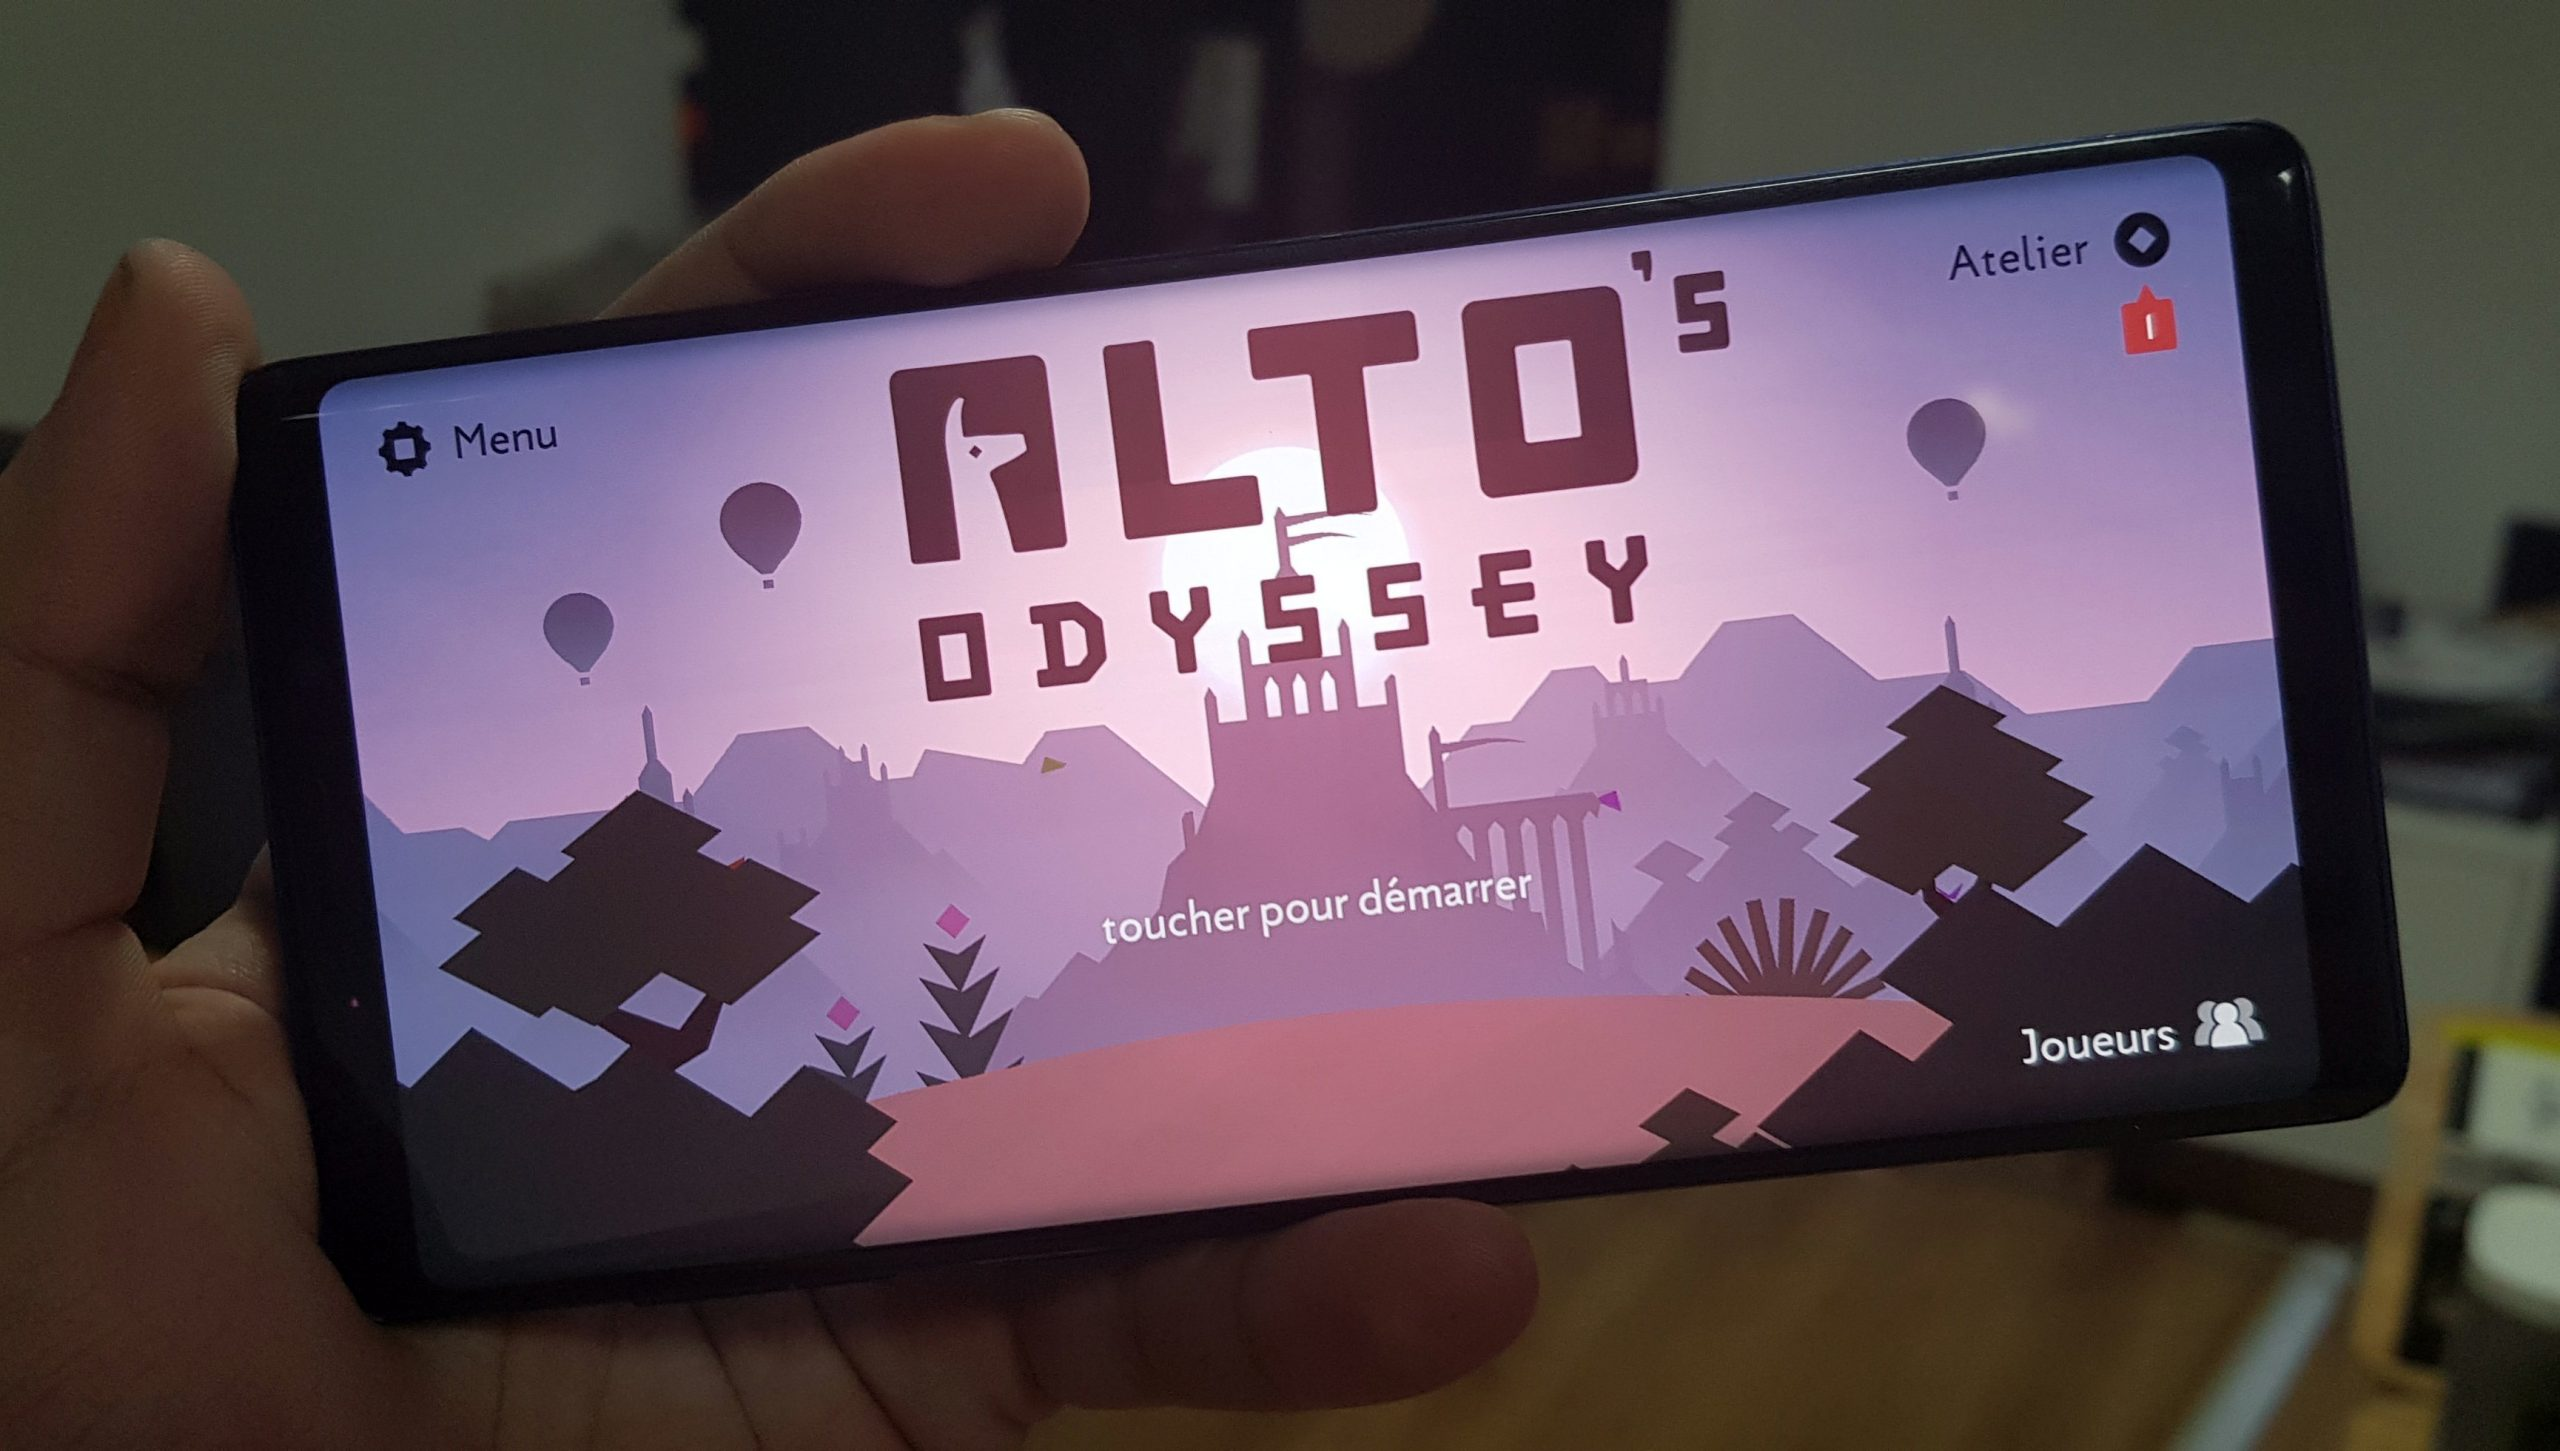 Jeux Android, Sélection Des Meilleurs Jeux Android à Jeux Pc Sans Telechargement